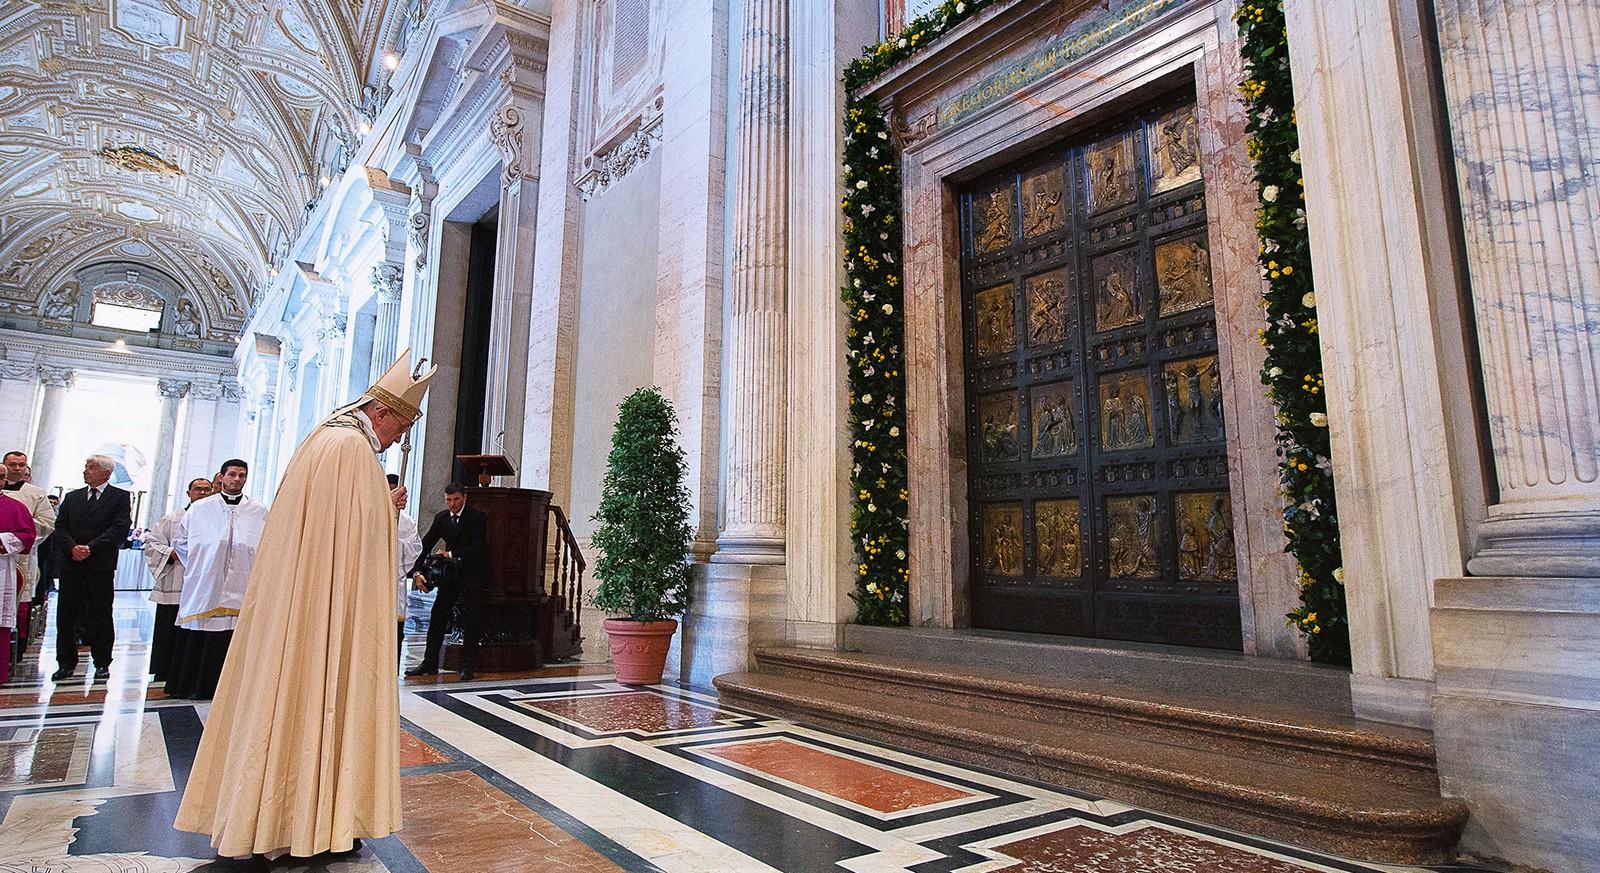 El Papa Francisco Explica lo que Quiere en el Año Jubilar de la Misericordia